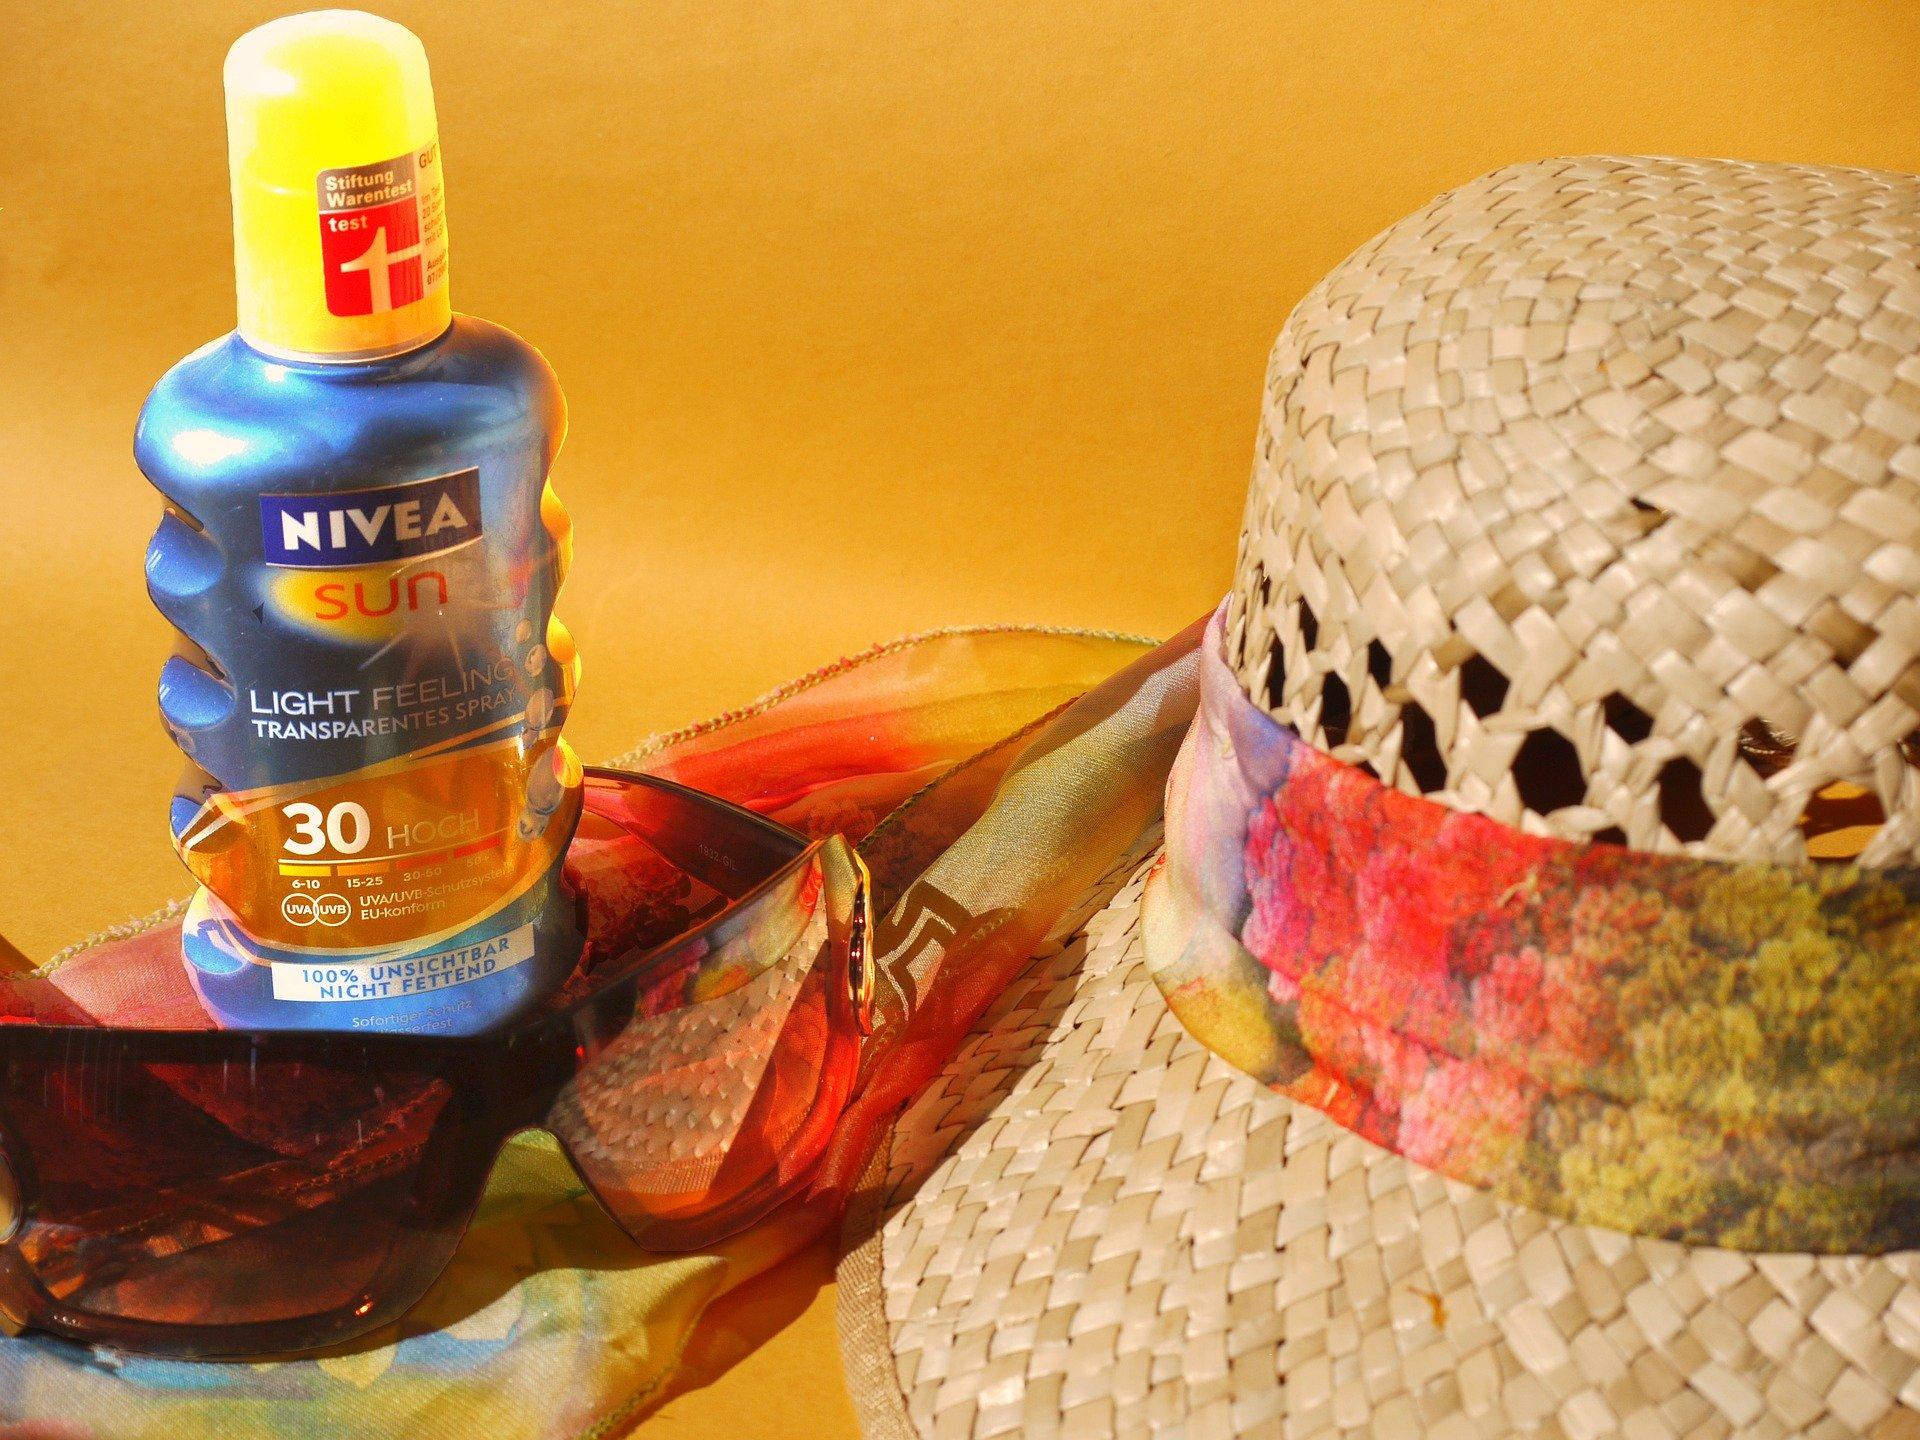 De olho no sol: Cuidados que os bauruenses devem tomar durante o verão para evitar câncer de pele